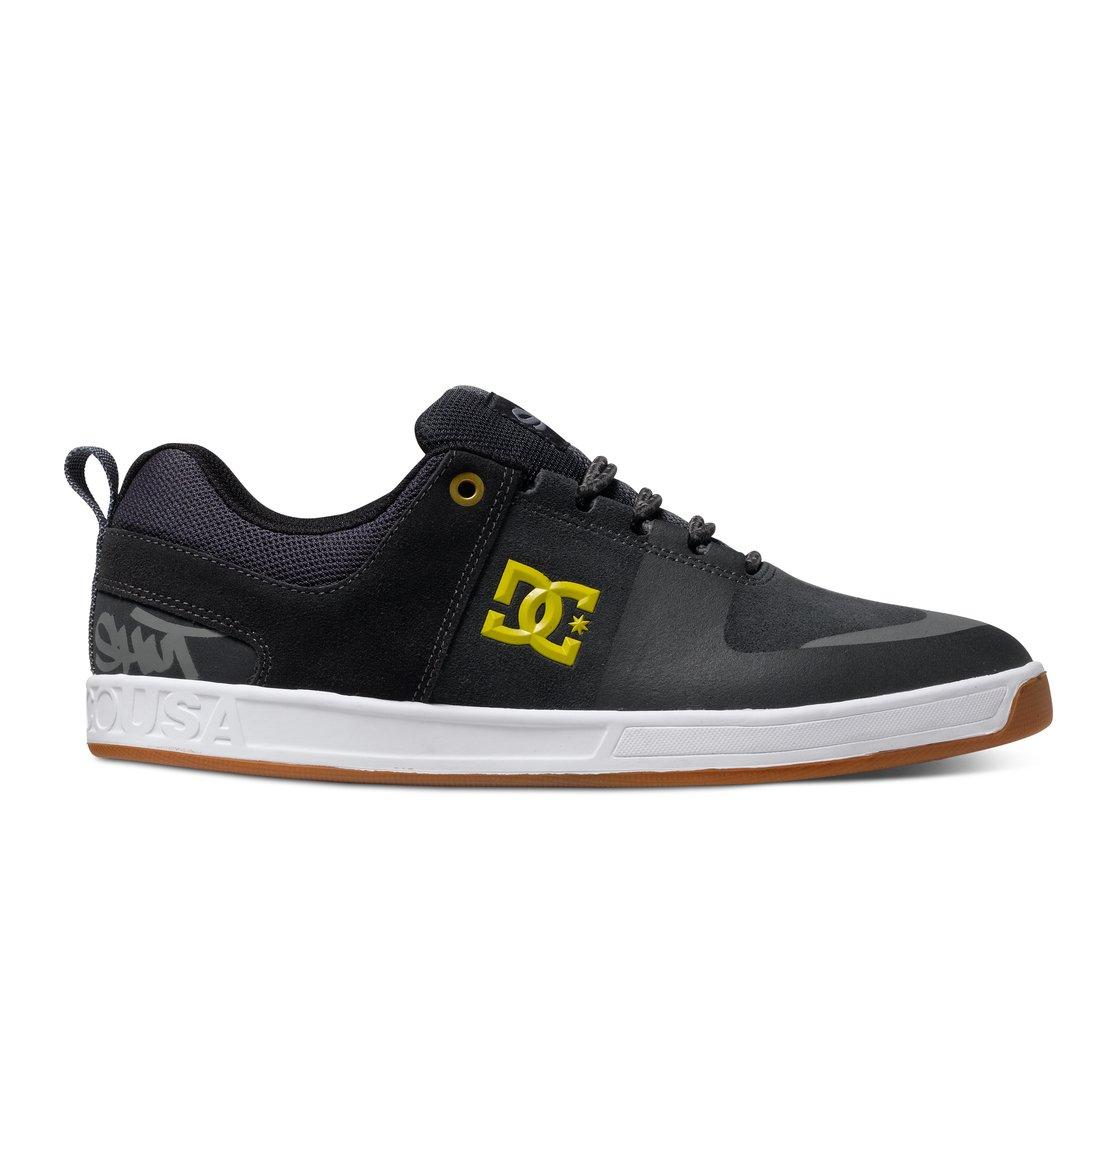 962d7705fb9e27 0 Men's Lynx Prestige S Shut Low-Top Shoes ADYS100248 DC Shoes